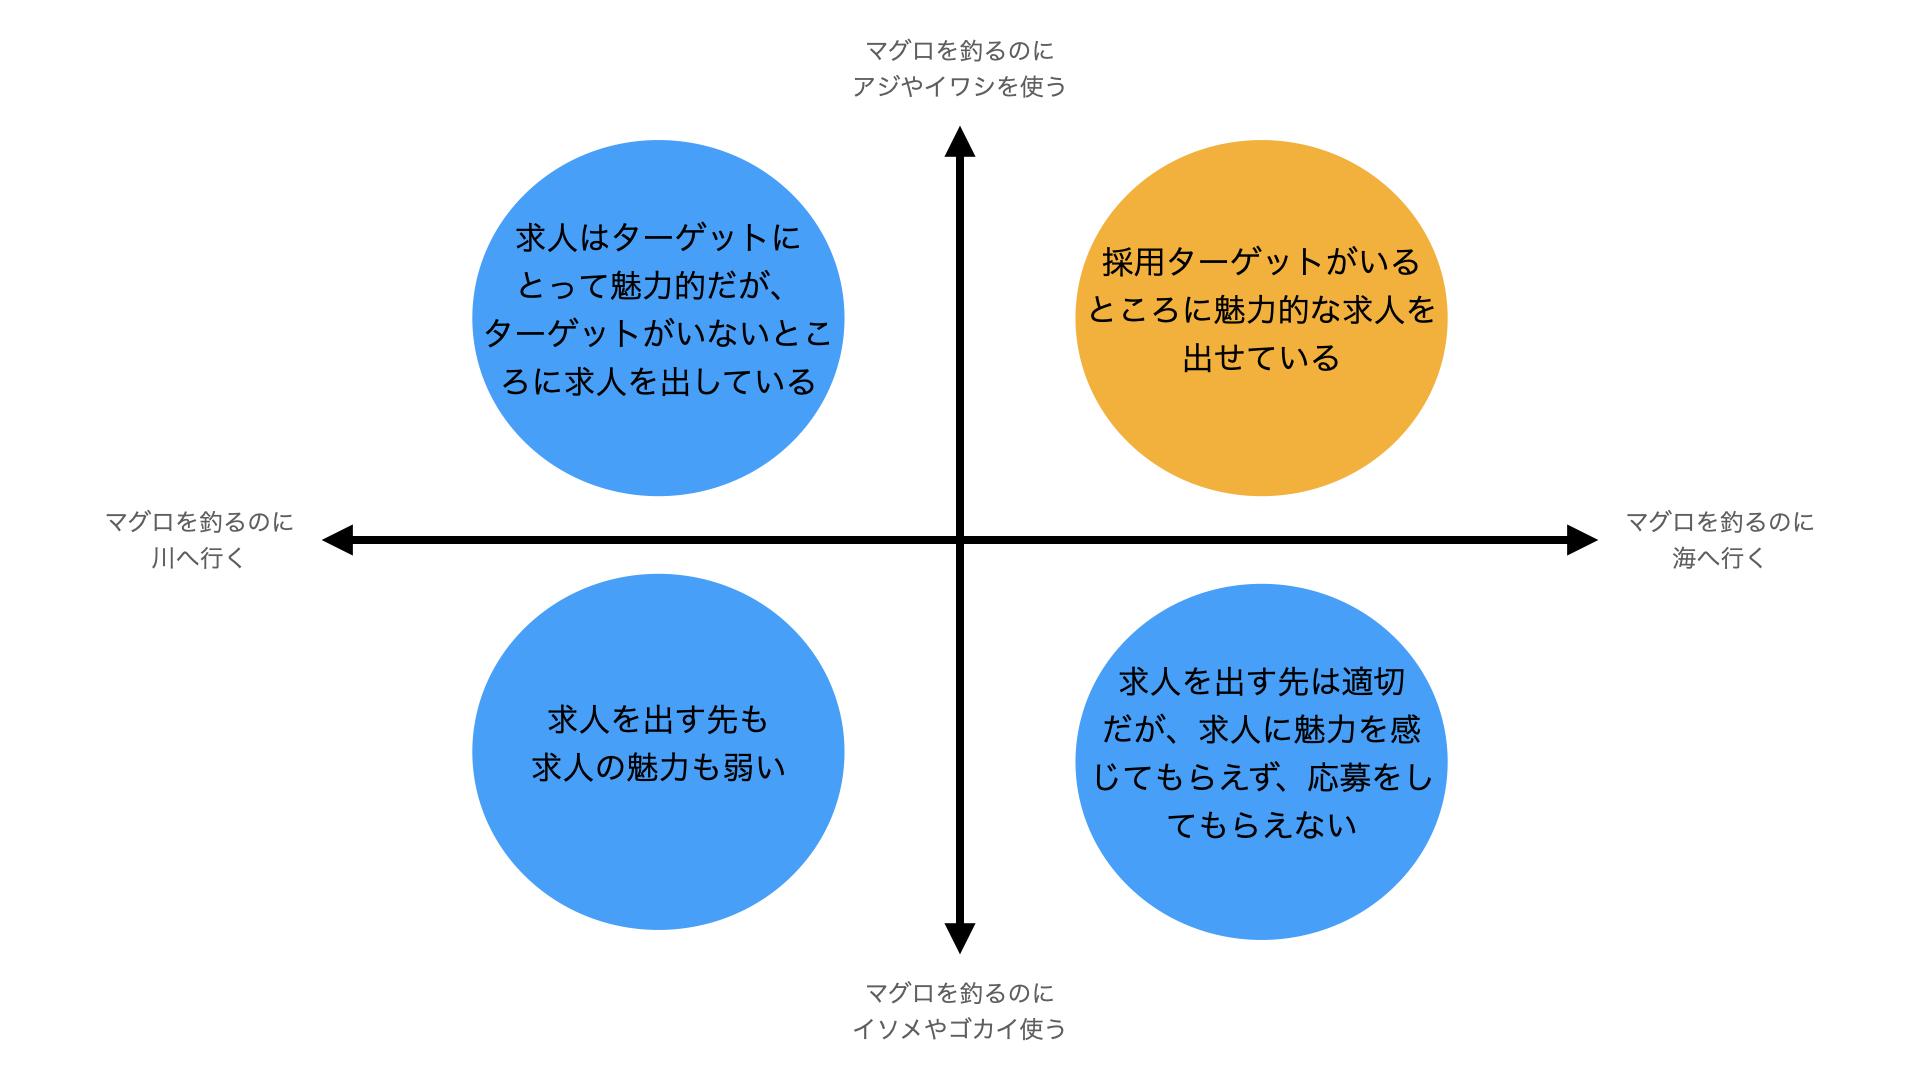 人材募集 採用設計のポジショニングマップ